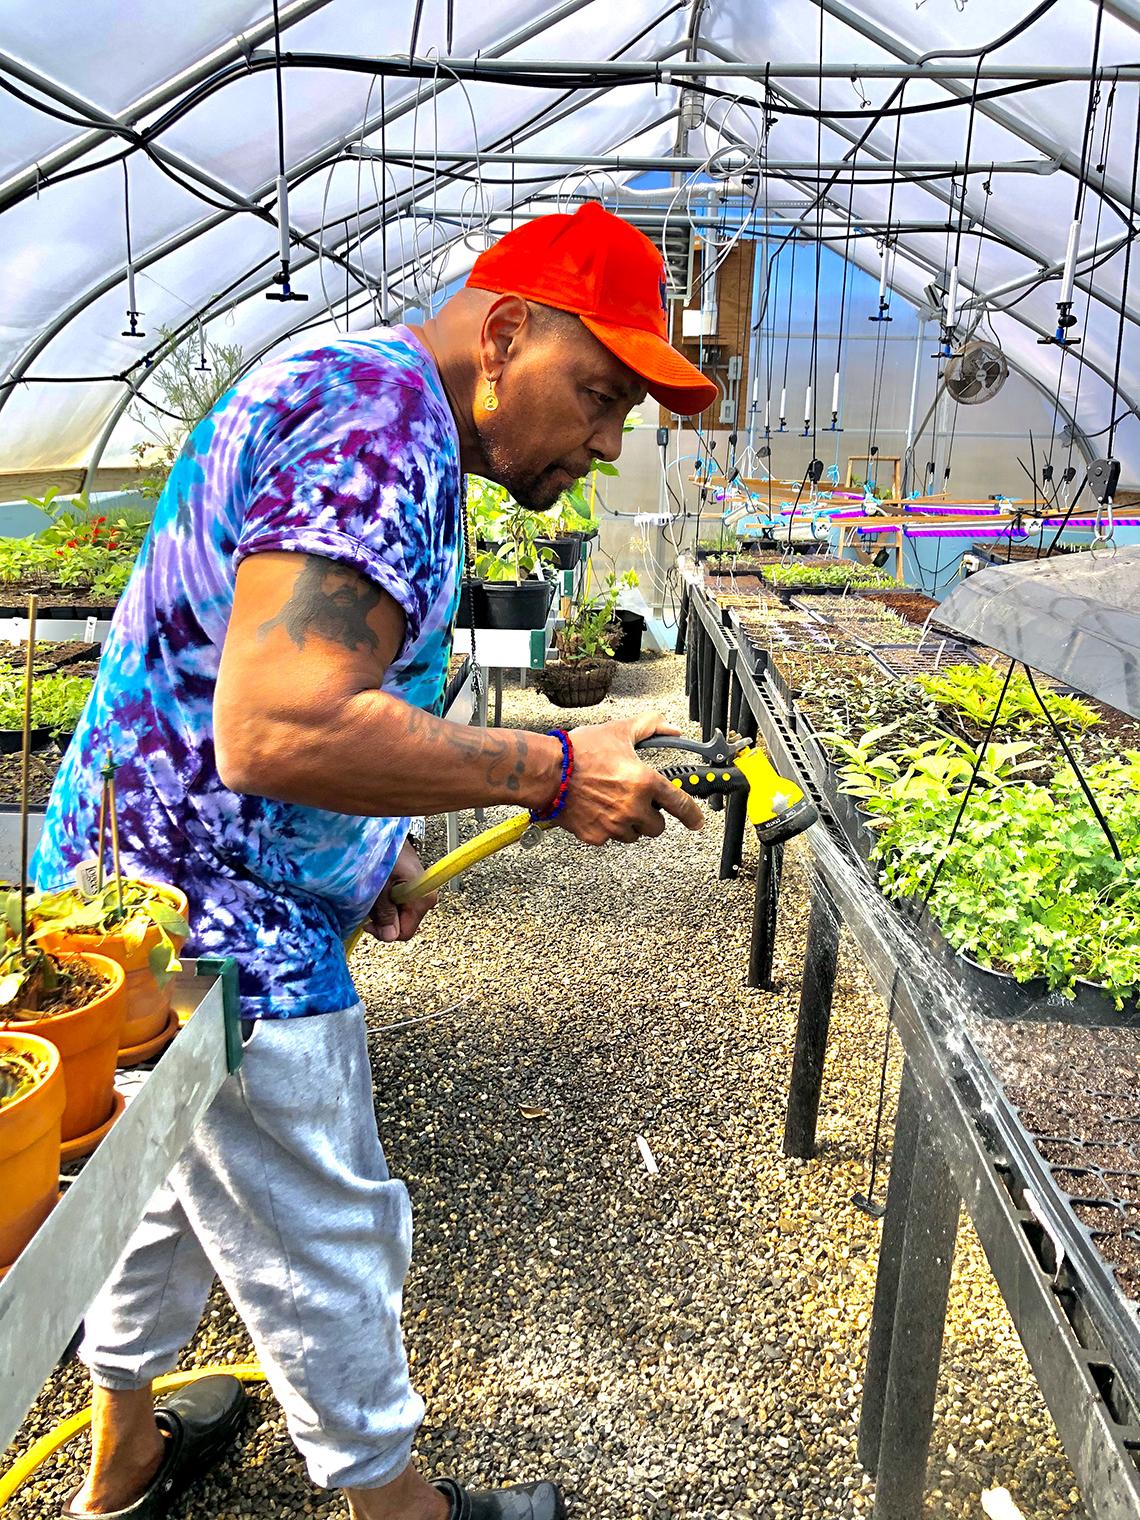 Aaron Neville colocando agua a unas plantas en un invernadero.